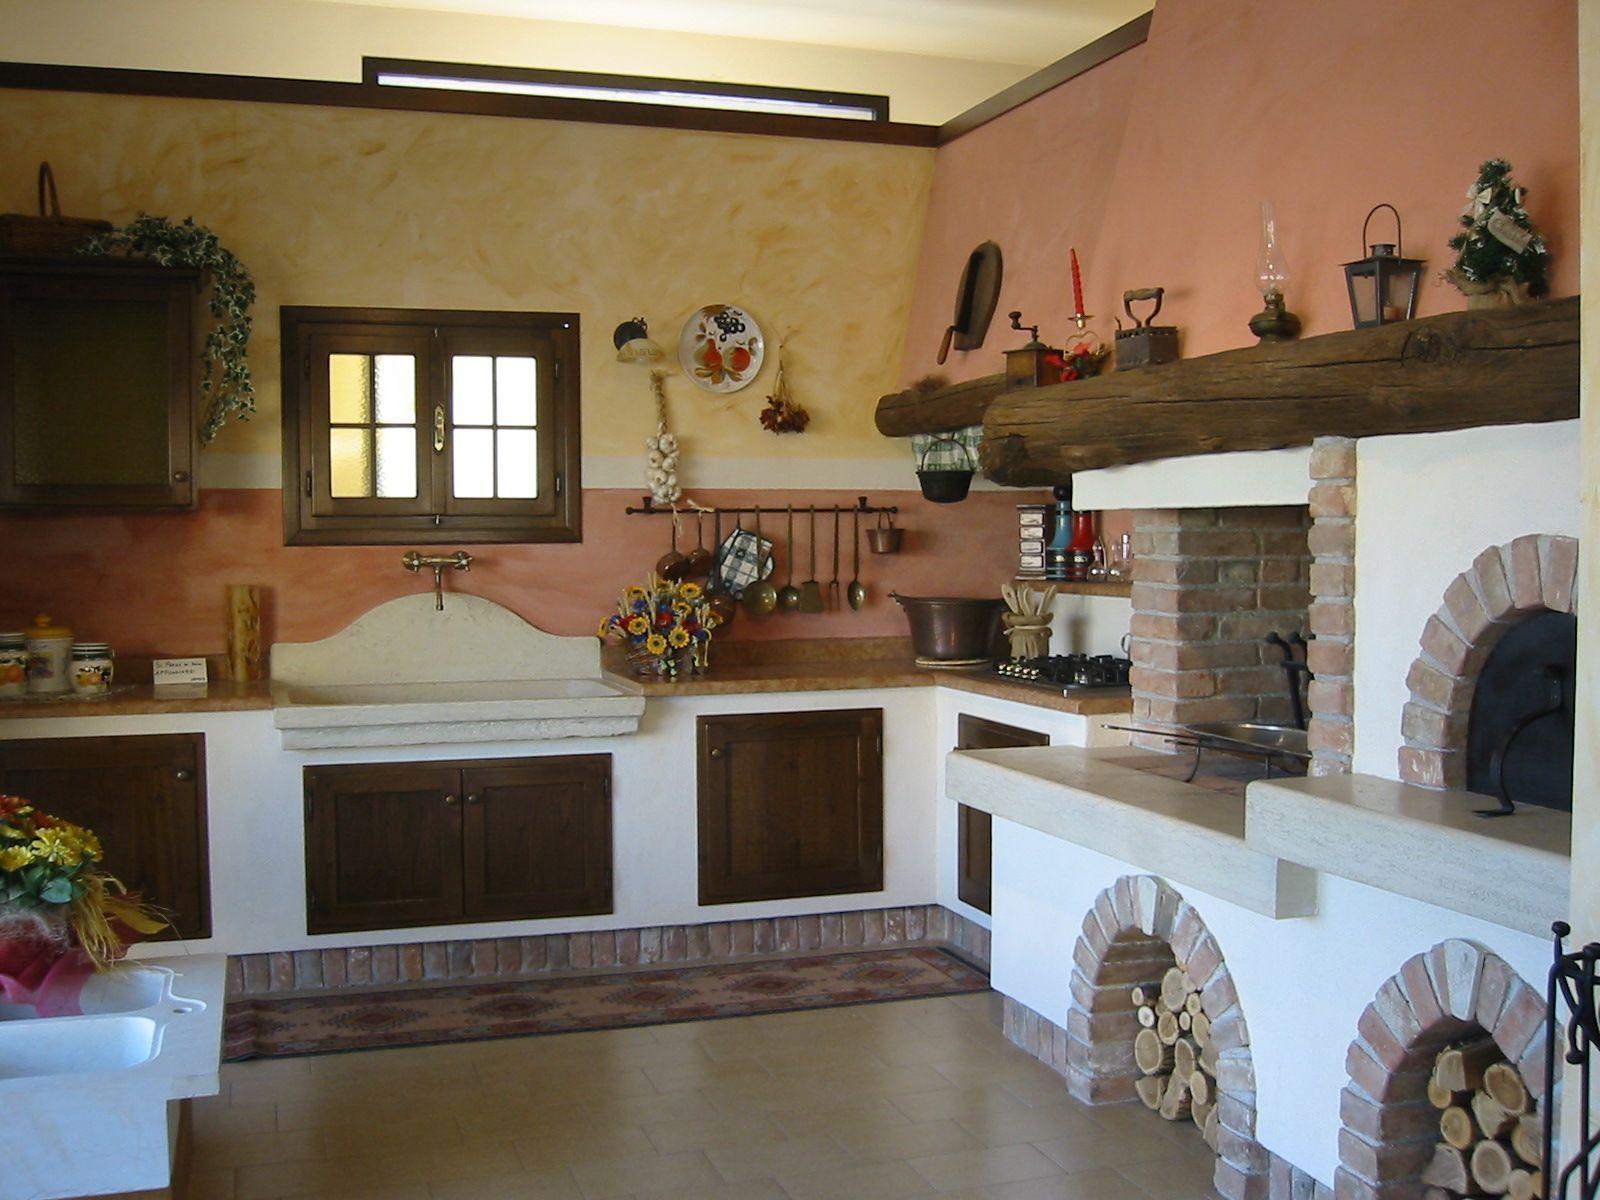 Forno Cucina In Muratura rivestimento cucina muratura - cerca con google